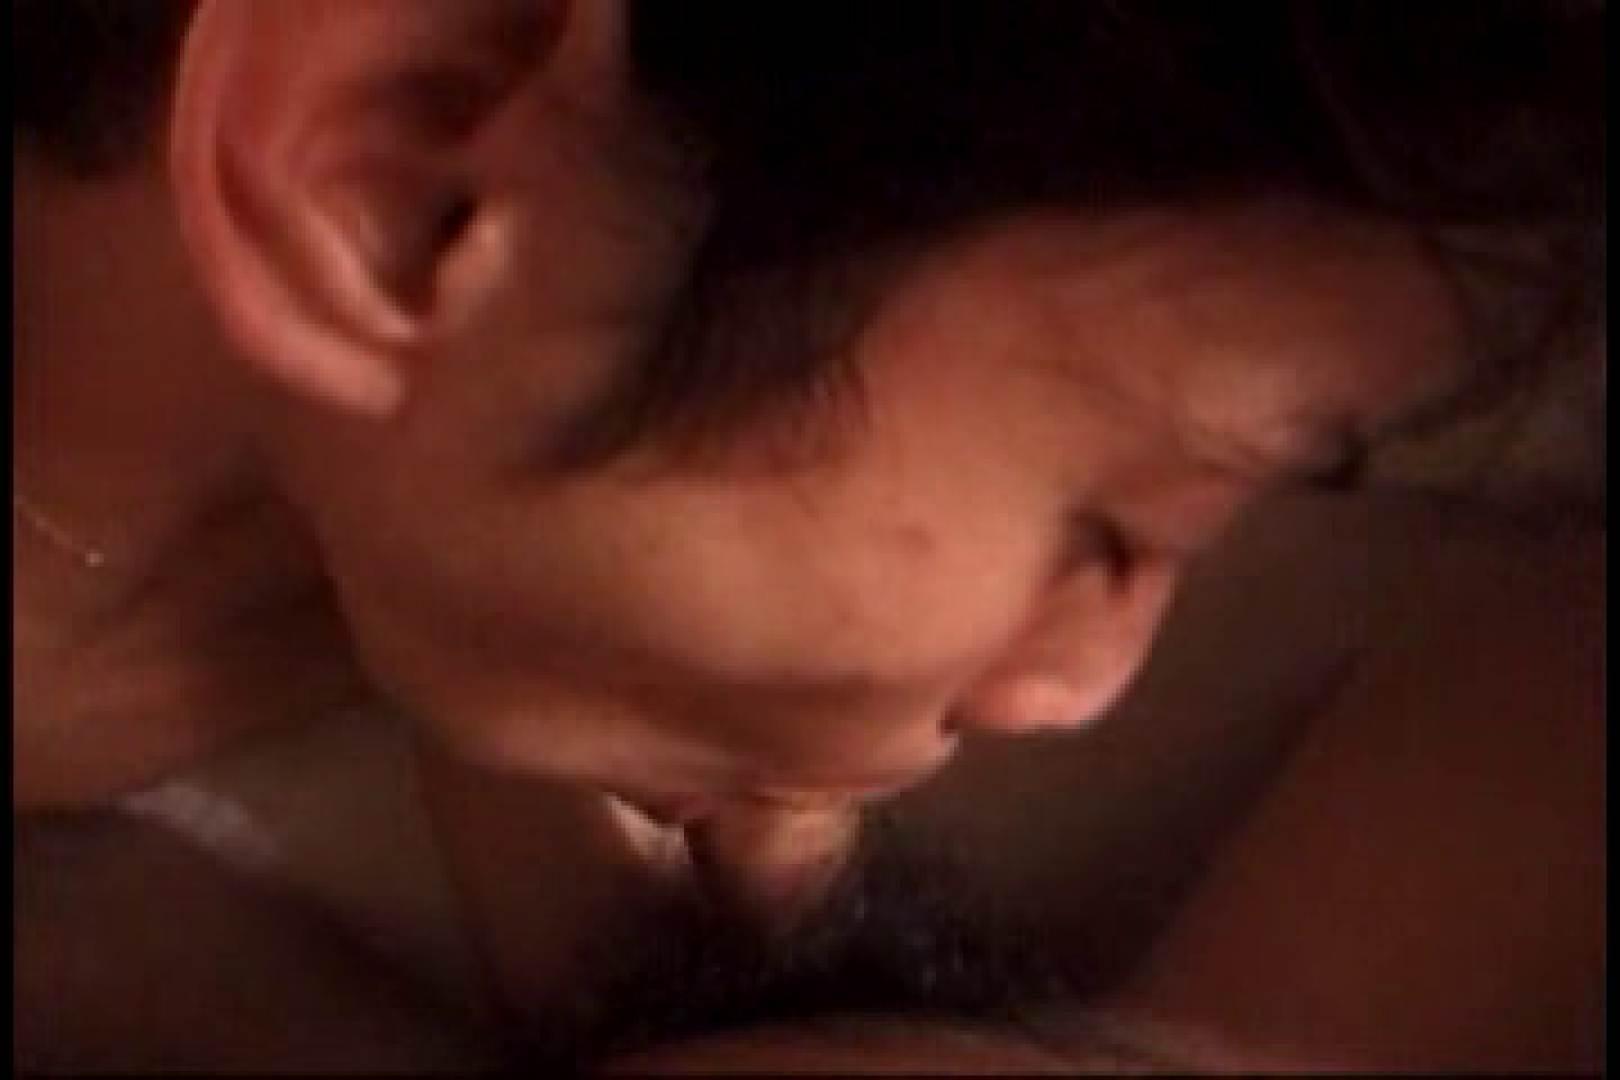 三ッ星シリーズ!!イケメン羞恥心!!File.03 ★★★シリーズ ゲイモロ画像 83pic 17